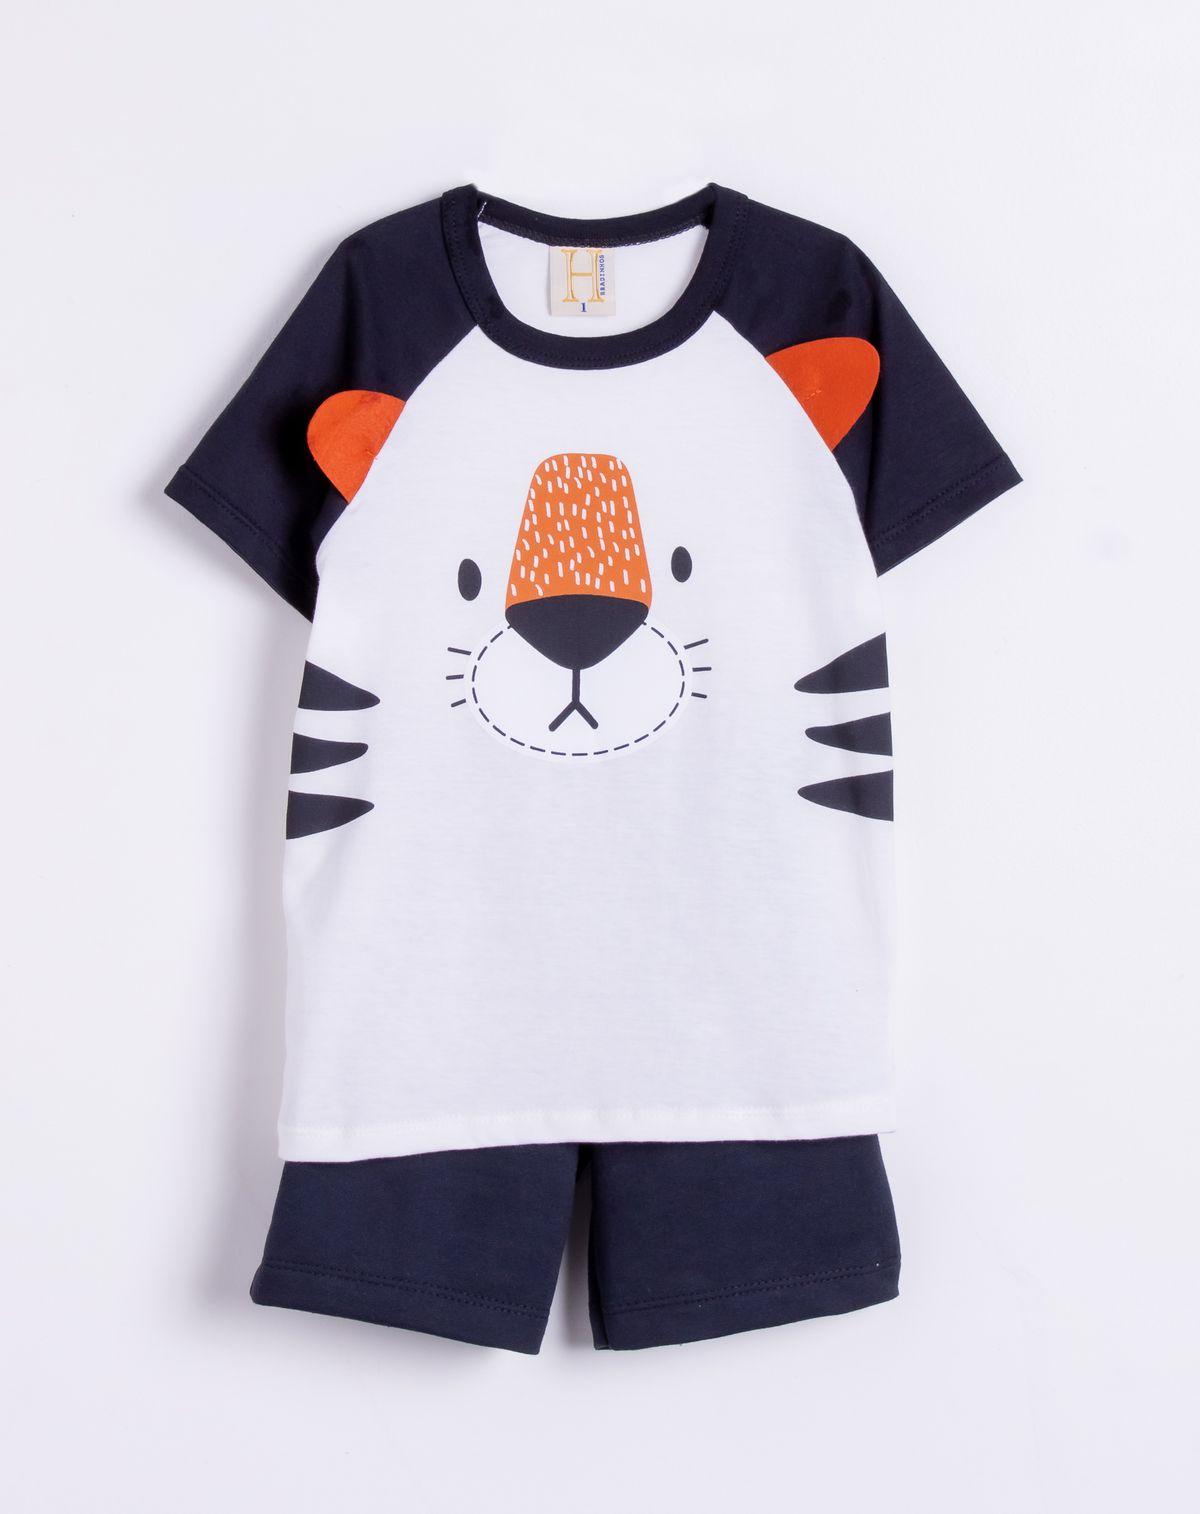 600729004-conjunto-curto-bebe-menino-estampa-tigre-interativa-off-white-preto-1-35d